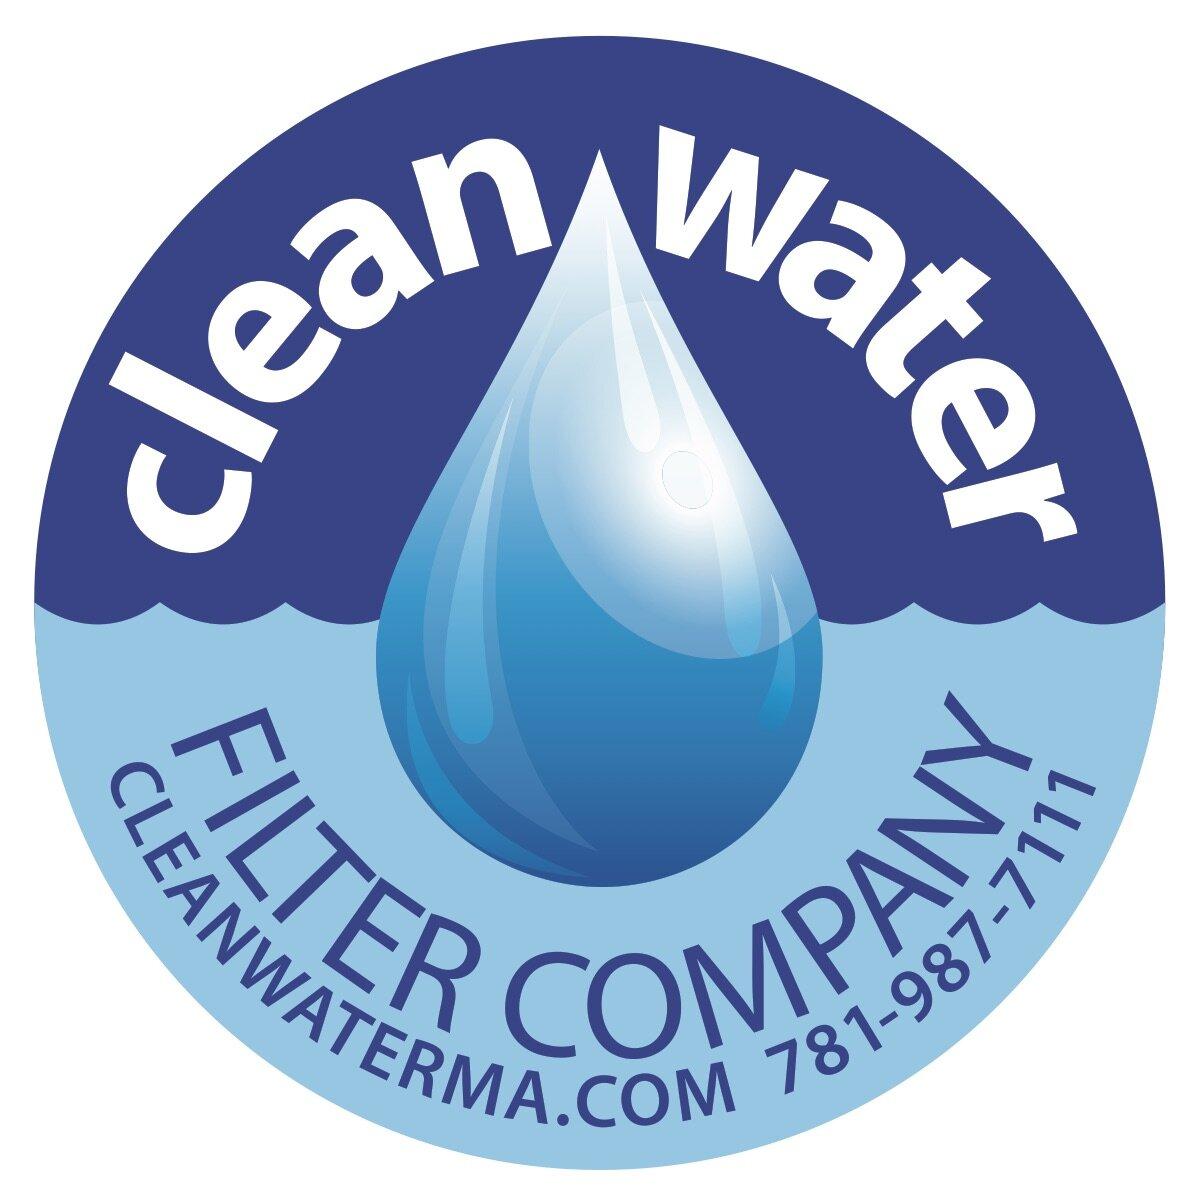 clean water logo.jpg